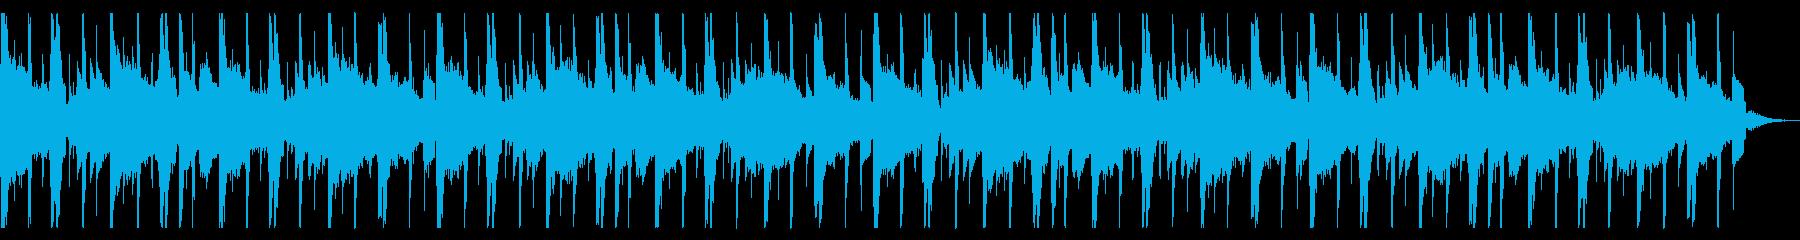 溶けそうなR&B_No635_5の再生済みの波形